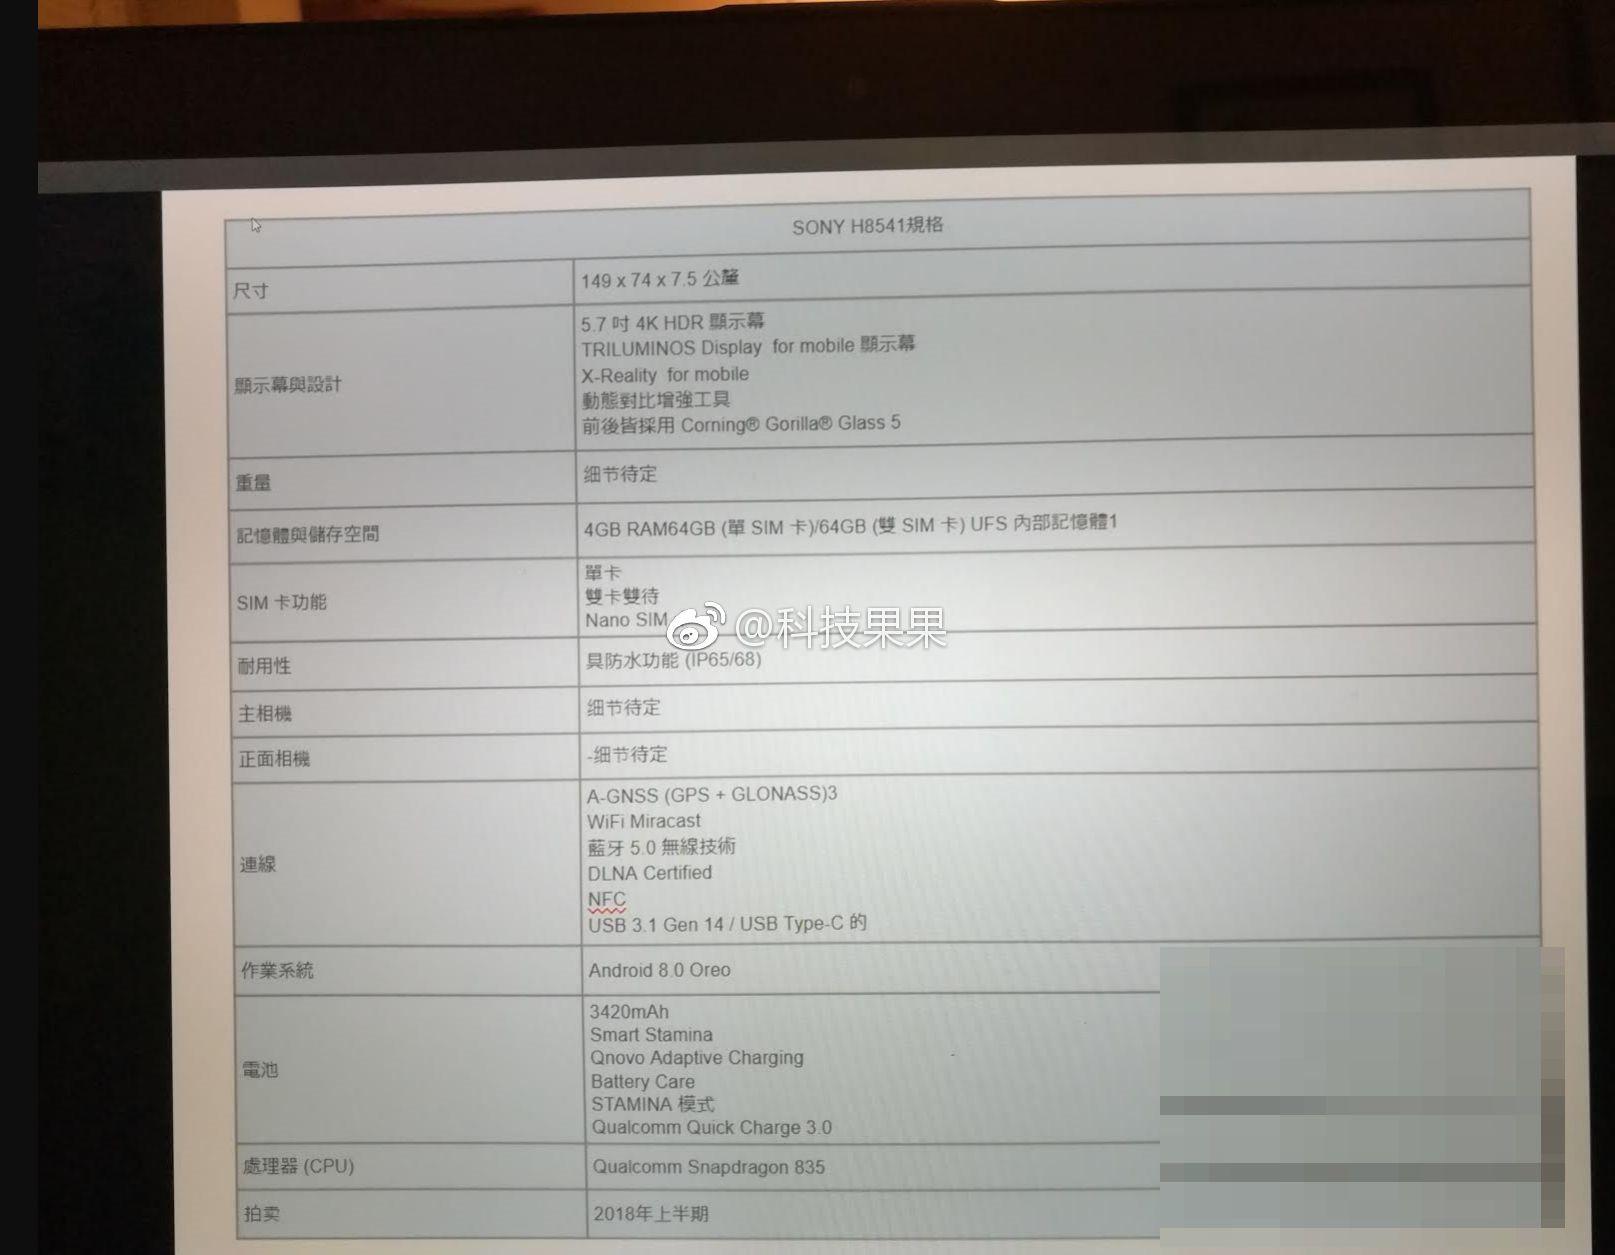 Sony H8541 Specs